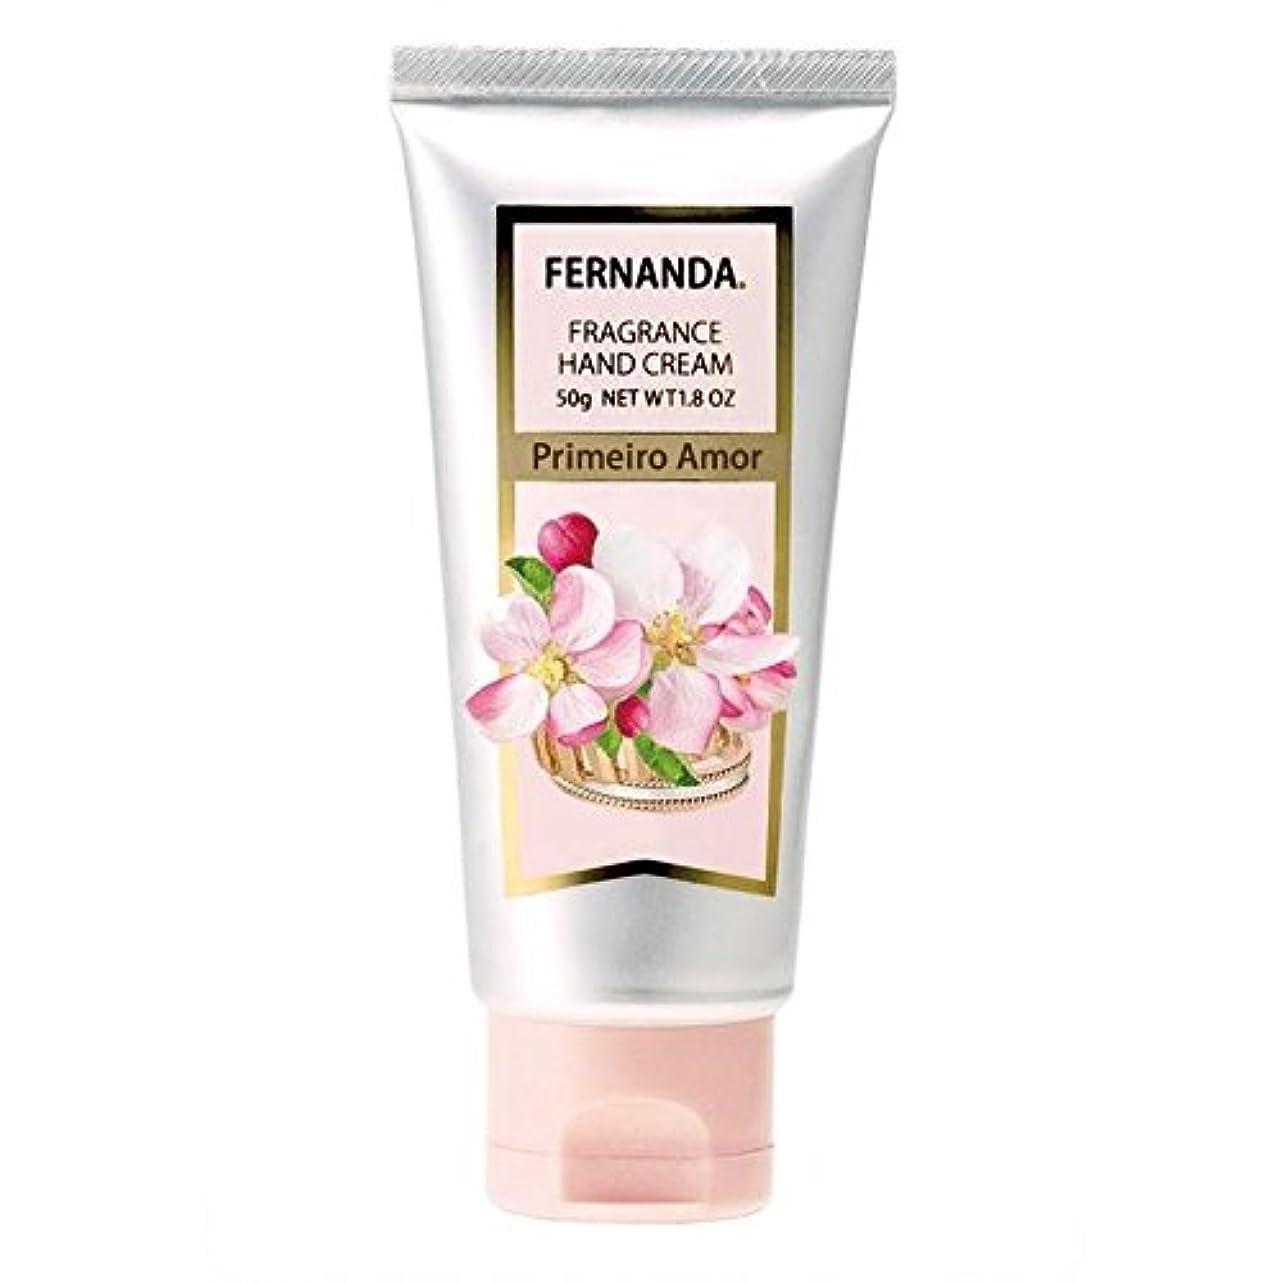 バラバラにする思春期の高齢者FERNANDA(フェルナンダ) Hand Cream Primeiro Amor(ハンドクリーム プリメイロアモール)